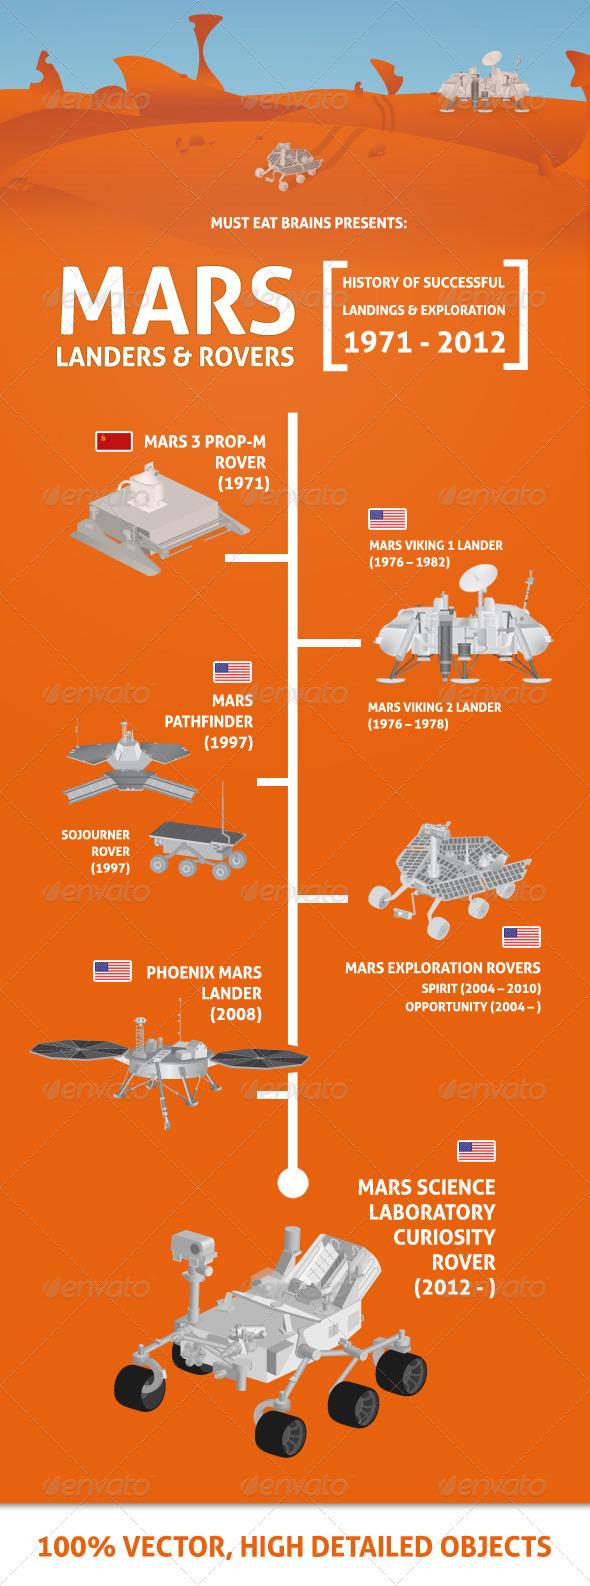 Mars Landers & Rovers 1971-2012